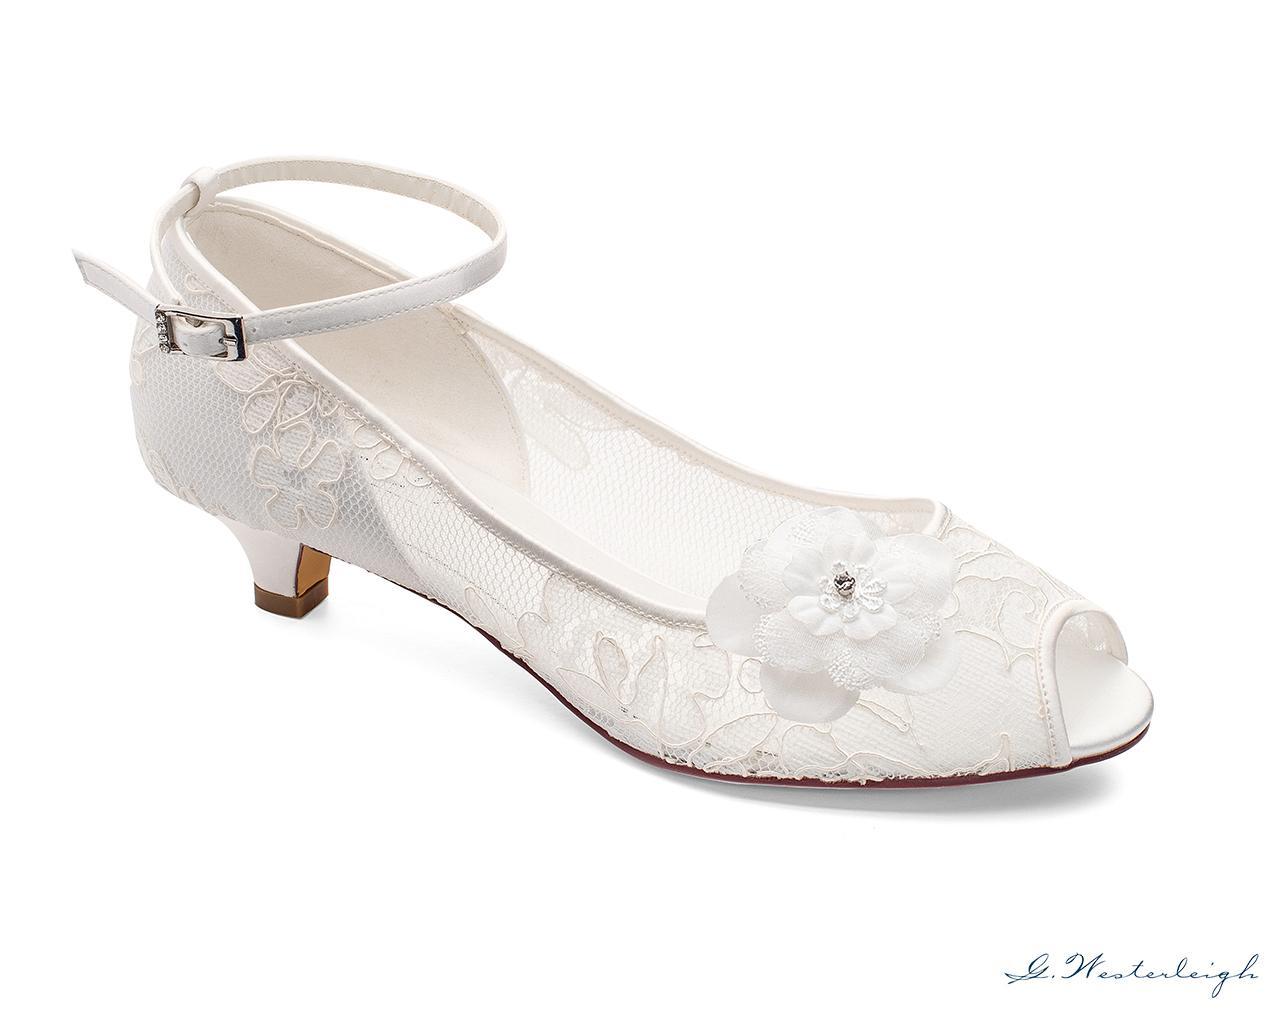 Svadobné topánky Maya 2 - Obrázok č. 1